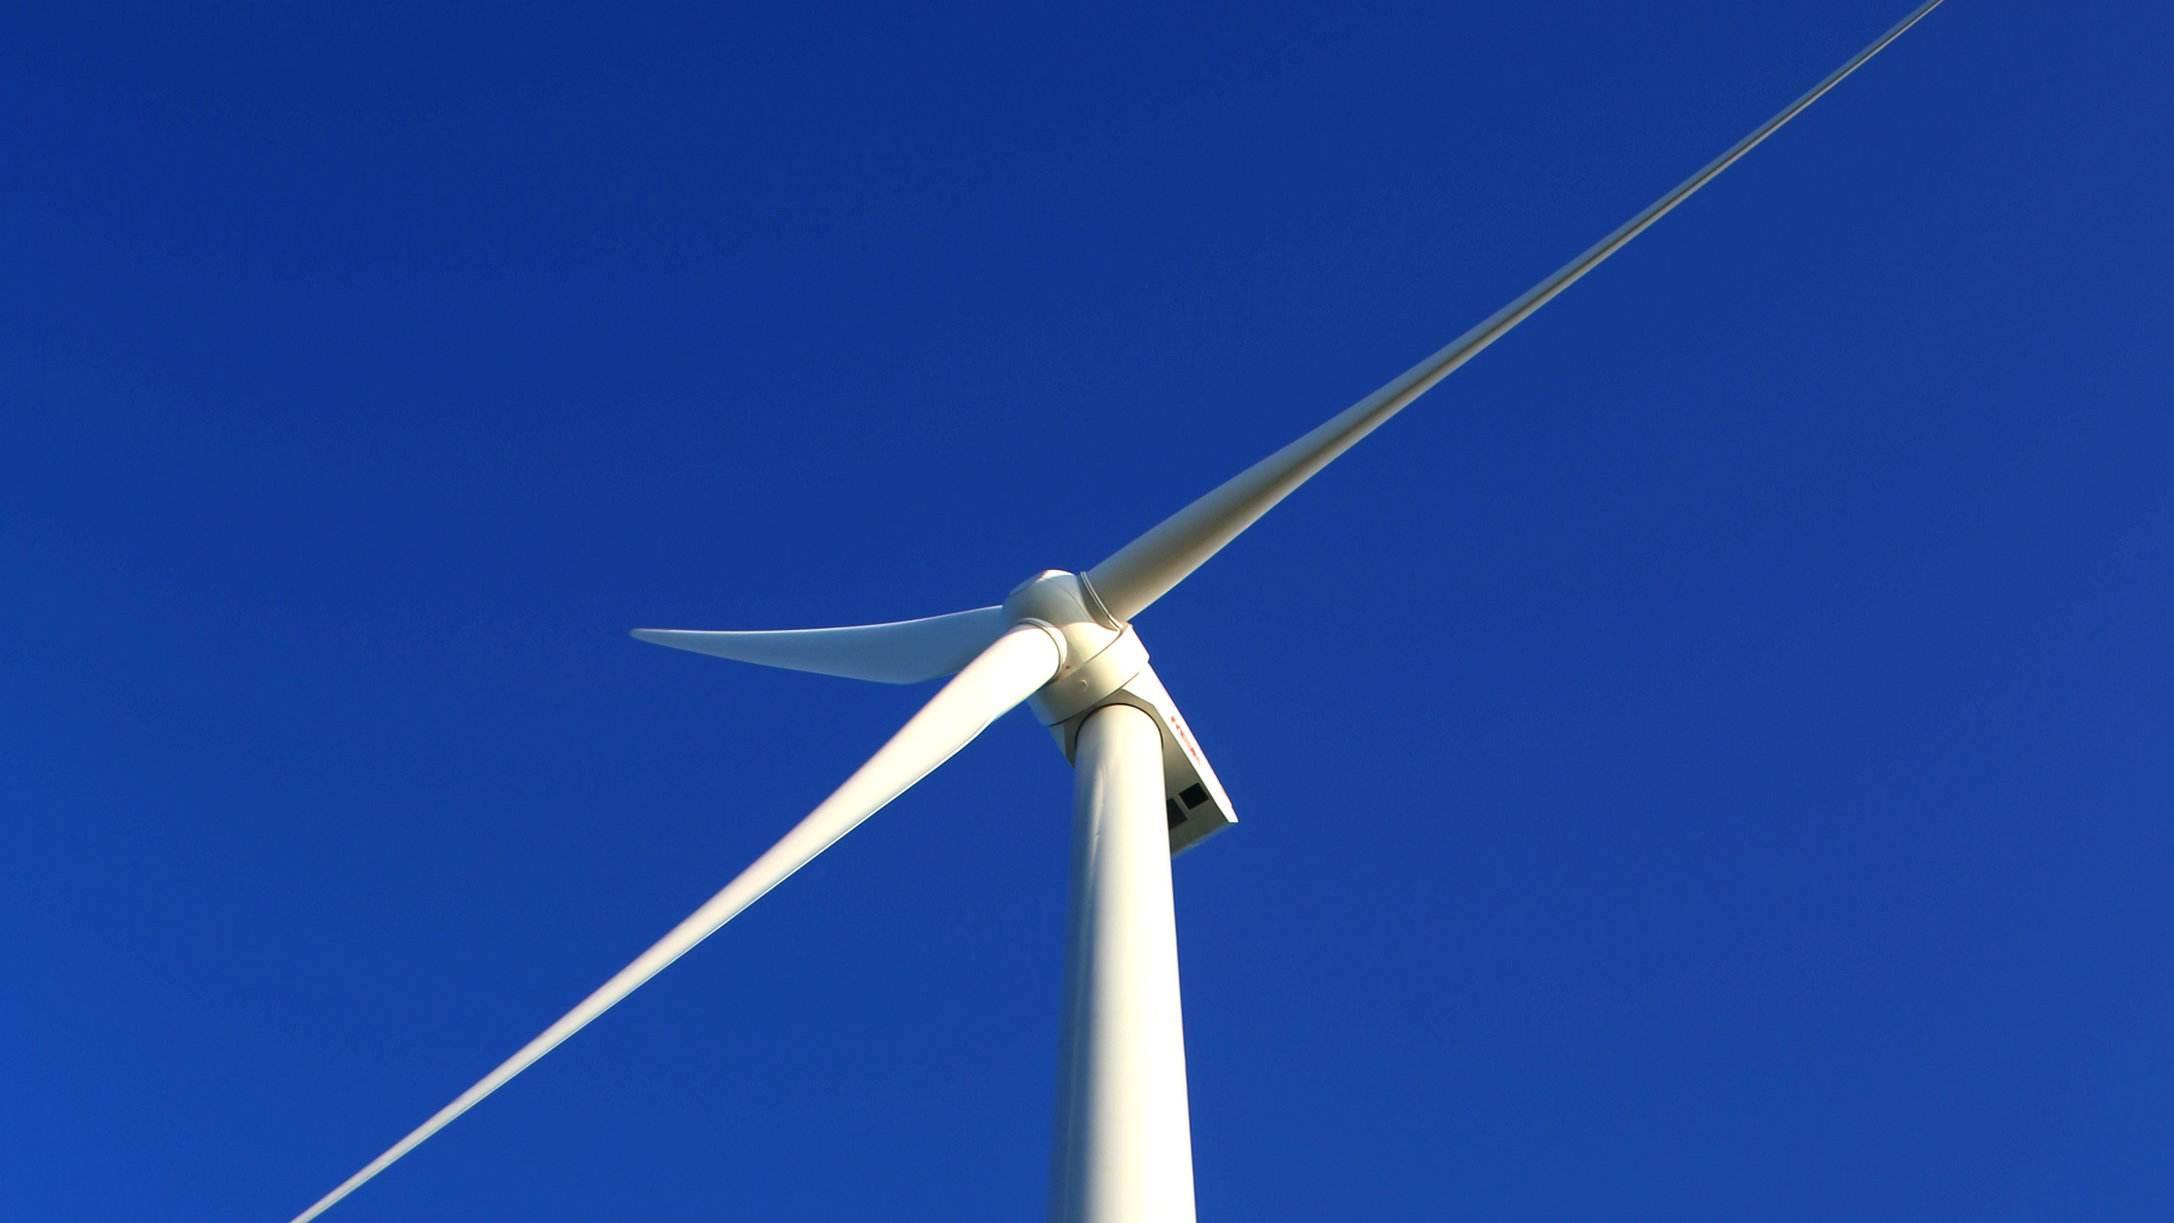 内蒙古乌达莱47.5万千瓦风电项目并网